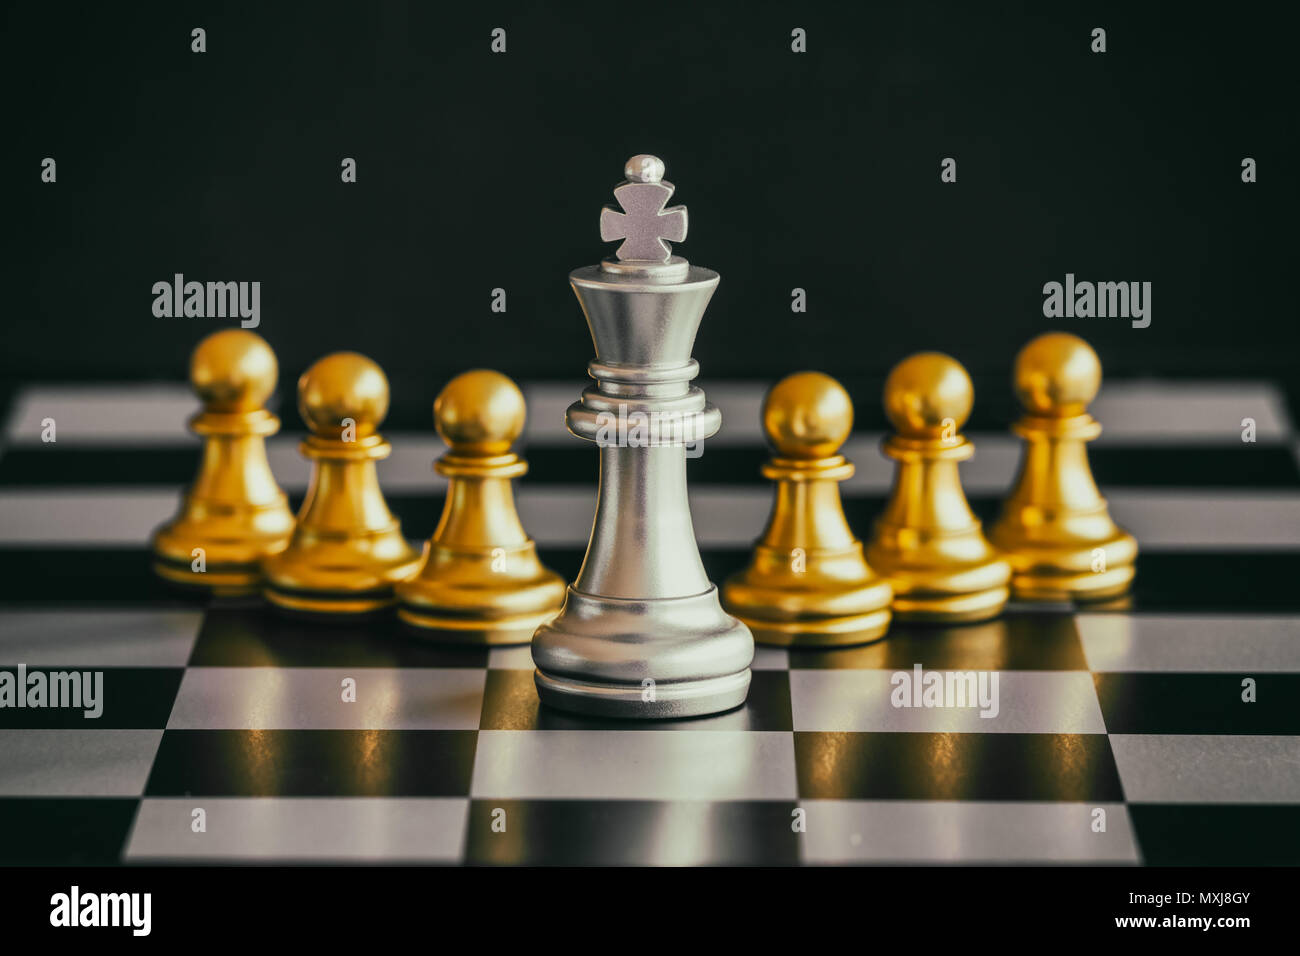 Bataille d'échecs Stratégie jeu de défi de renseignement sur l'échiquier. Le concept de la stratégie de réussite. Chef d'entreprise d'échecs et succès idée. La stratégie d'échecs Banque D'Images